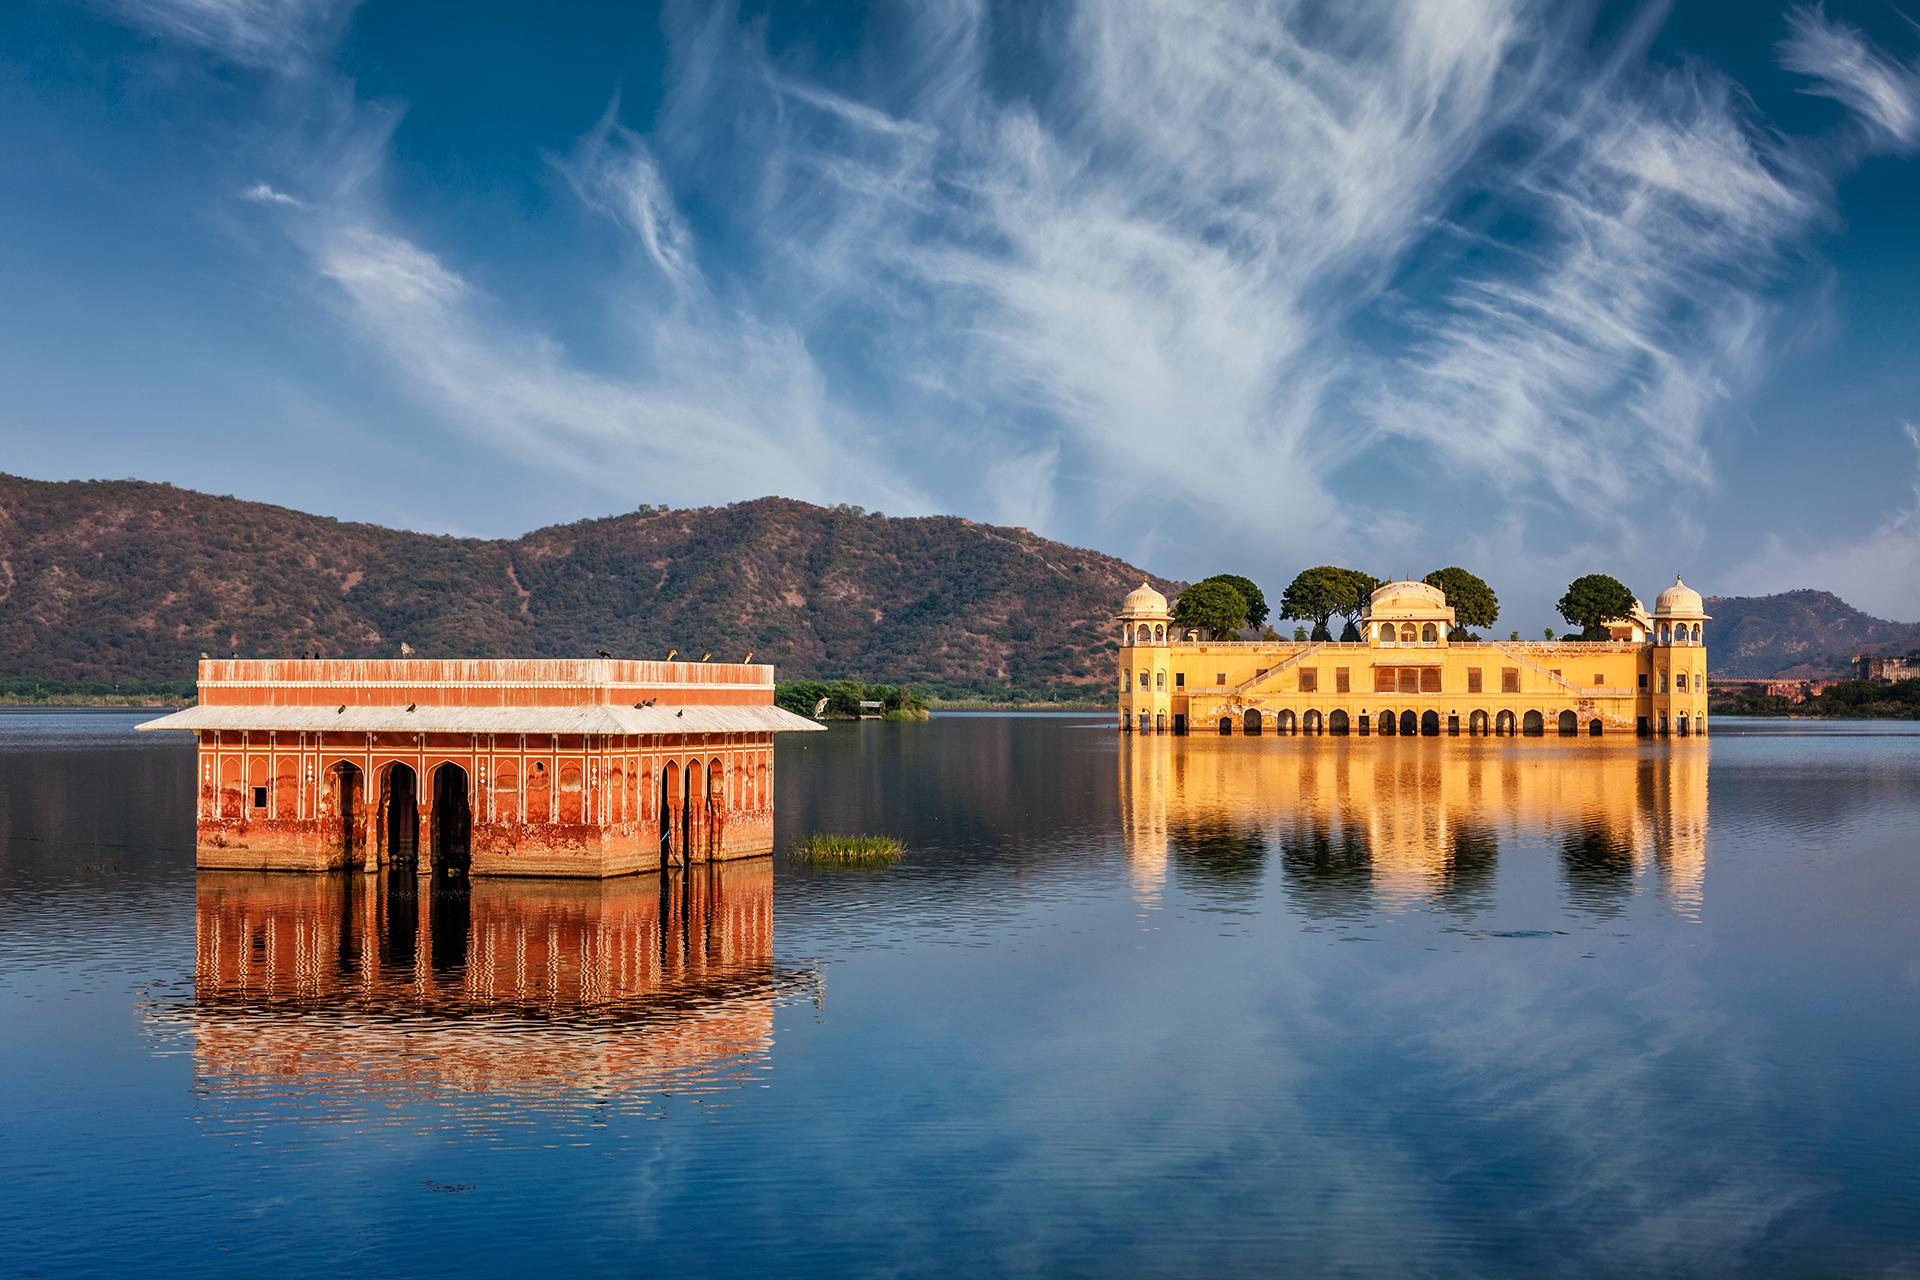 Sumergido en las aguas de un lago artificial, no se sabe mucho sobre su historia, excepto el hecho de que fue construido por Maharaja Madho Singh en el siglo XVIII